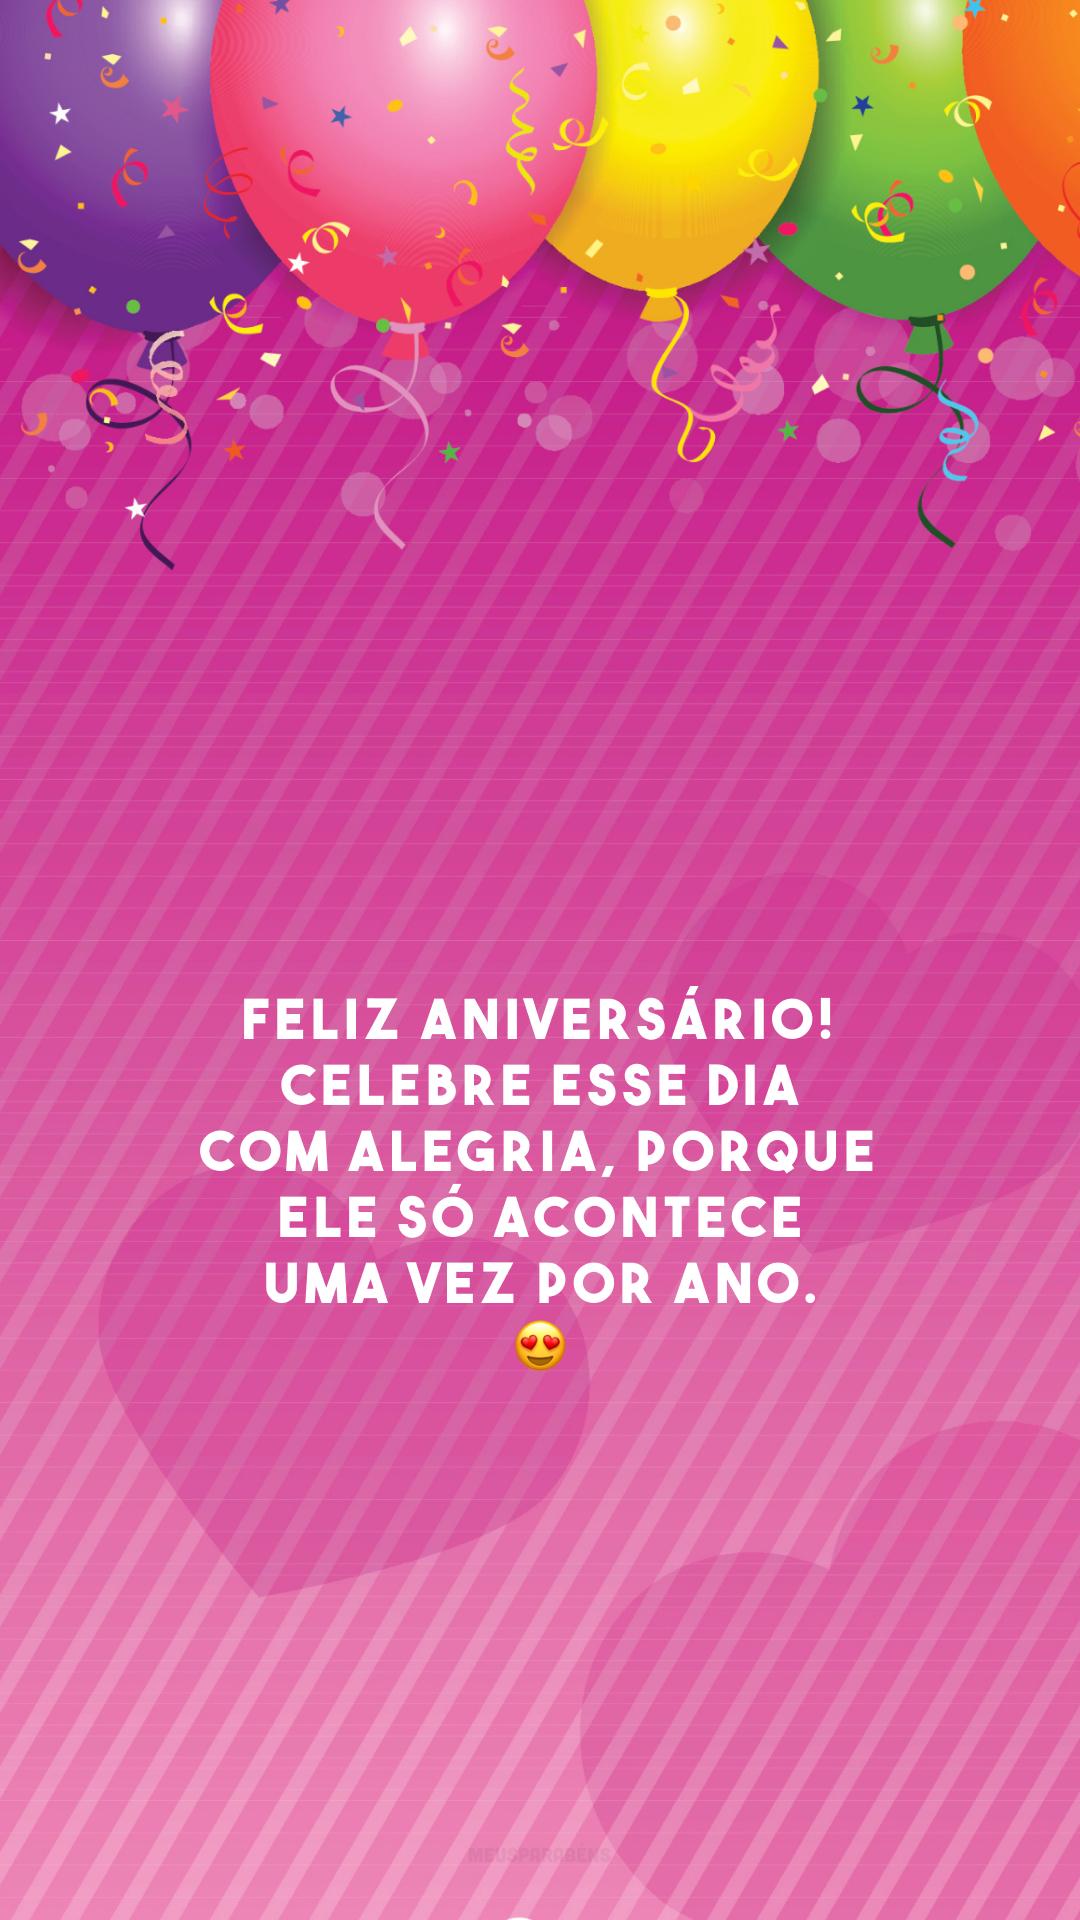 Feliz aniversário! Celebre esse dia com alegria, porque ele só acontece uma vez por ano. 😍